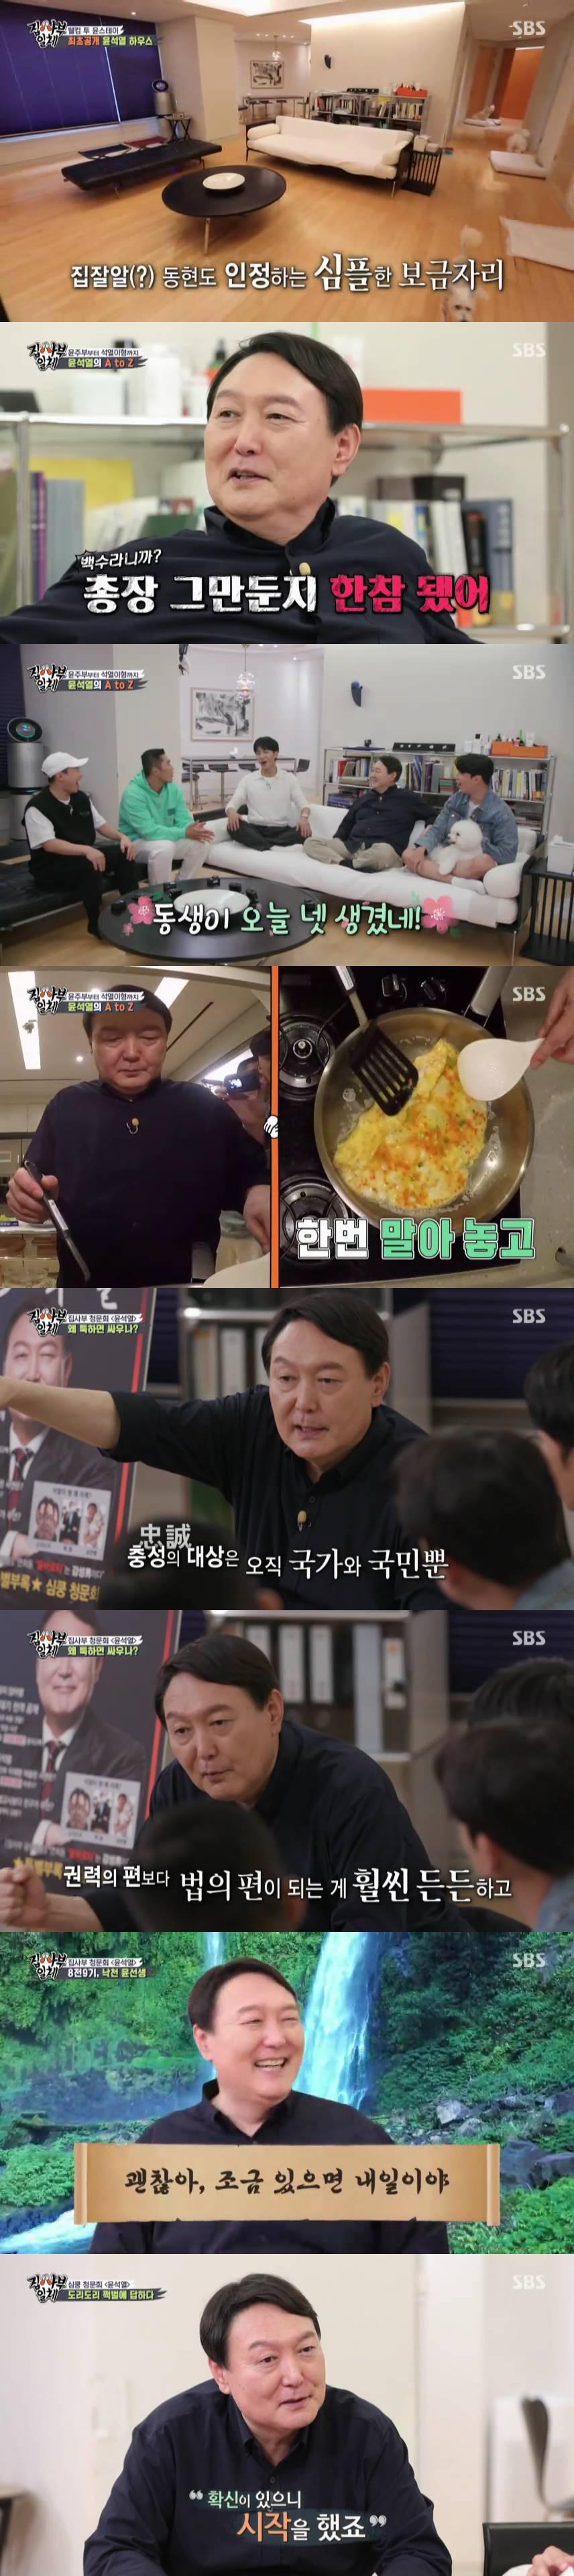 """'집사부일체' 윤석열 """"20대 대통령은 나? YES"""" 자신감 충만…분당 최고 12.1%"""